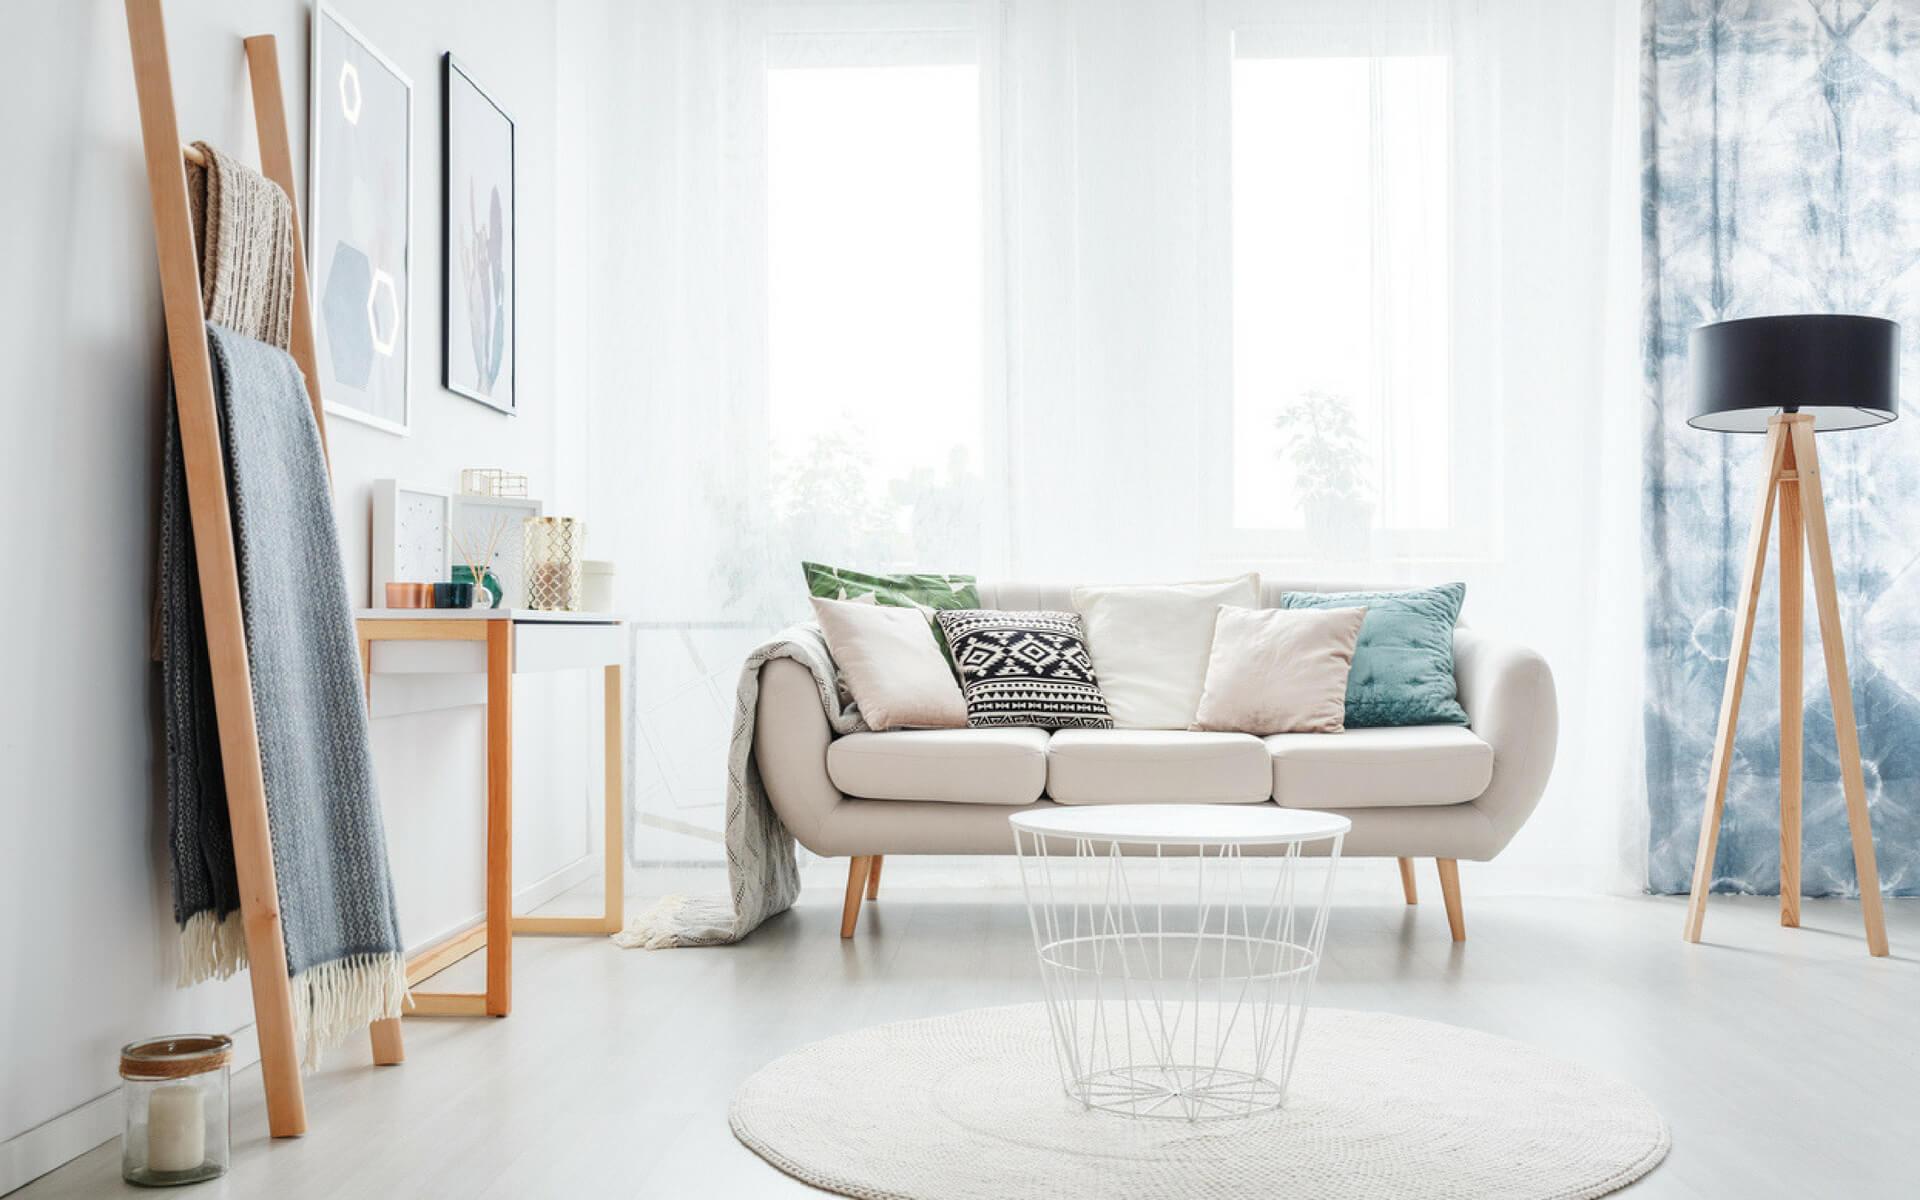 Le tende interne sono un'ottima soluzione per limitare il caldo dentro casa